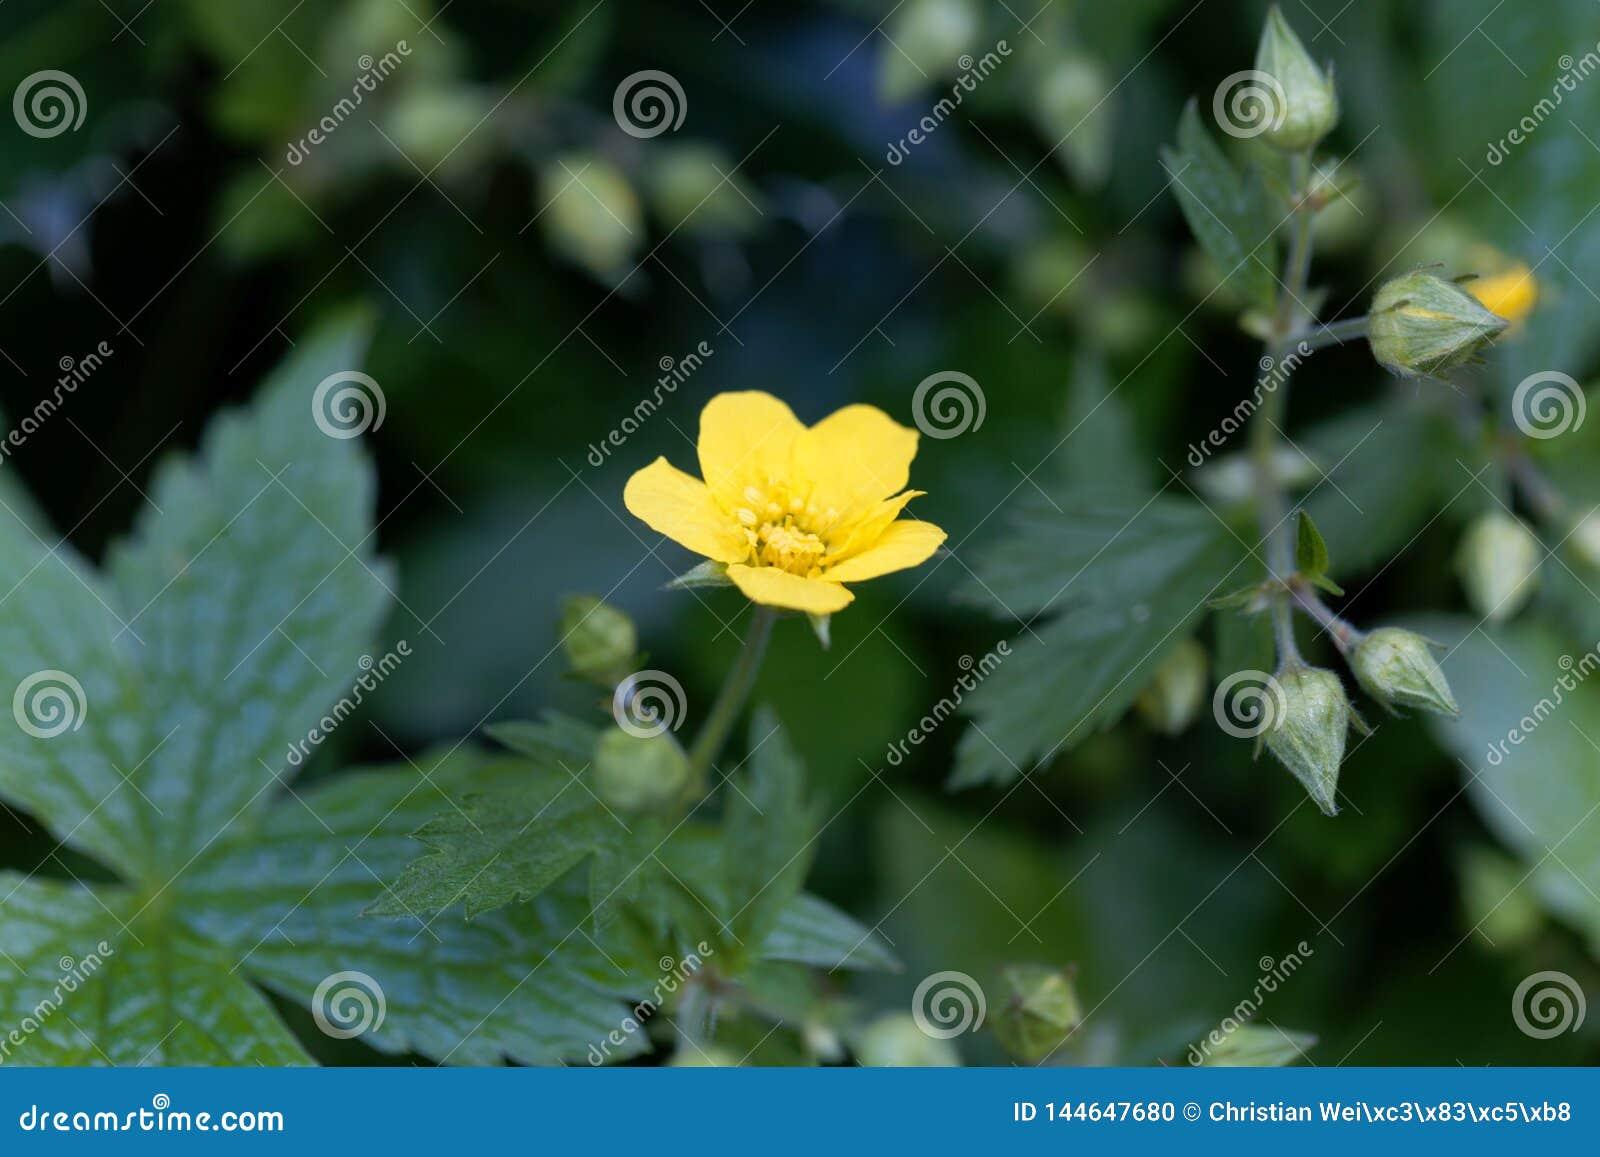 贫瘠草莓Waldsteinia geoides的花